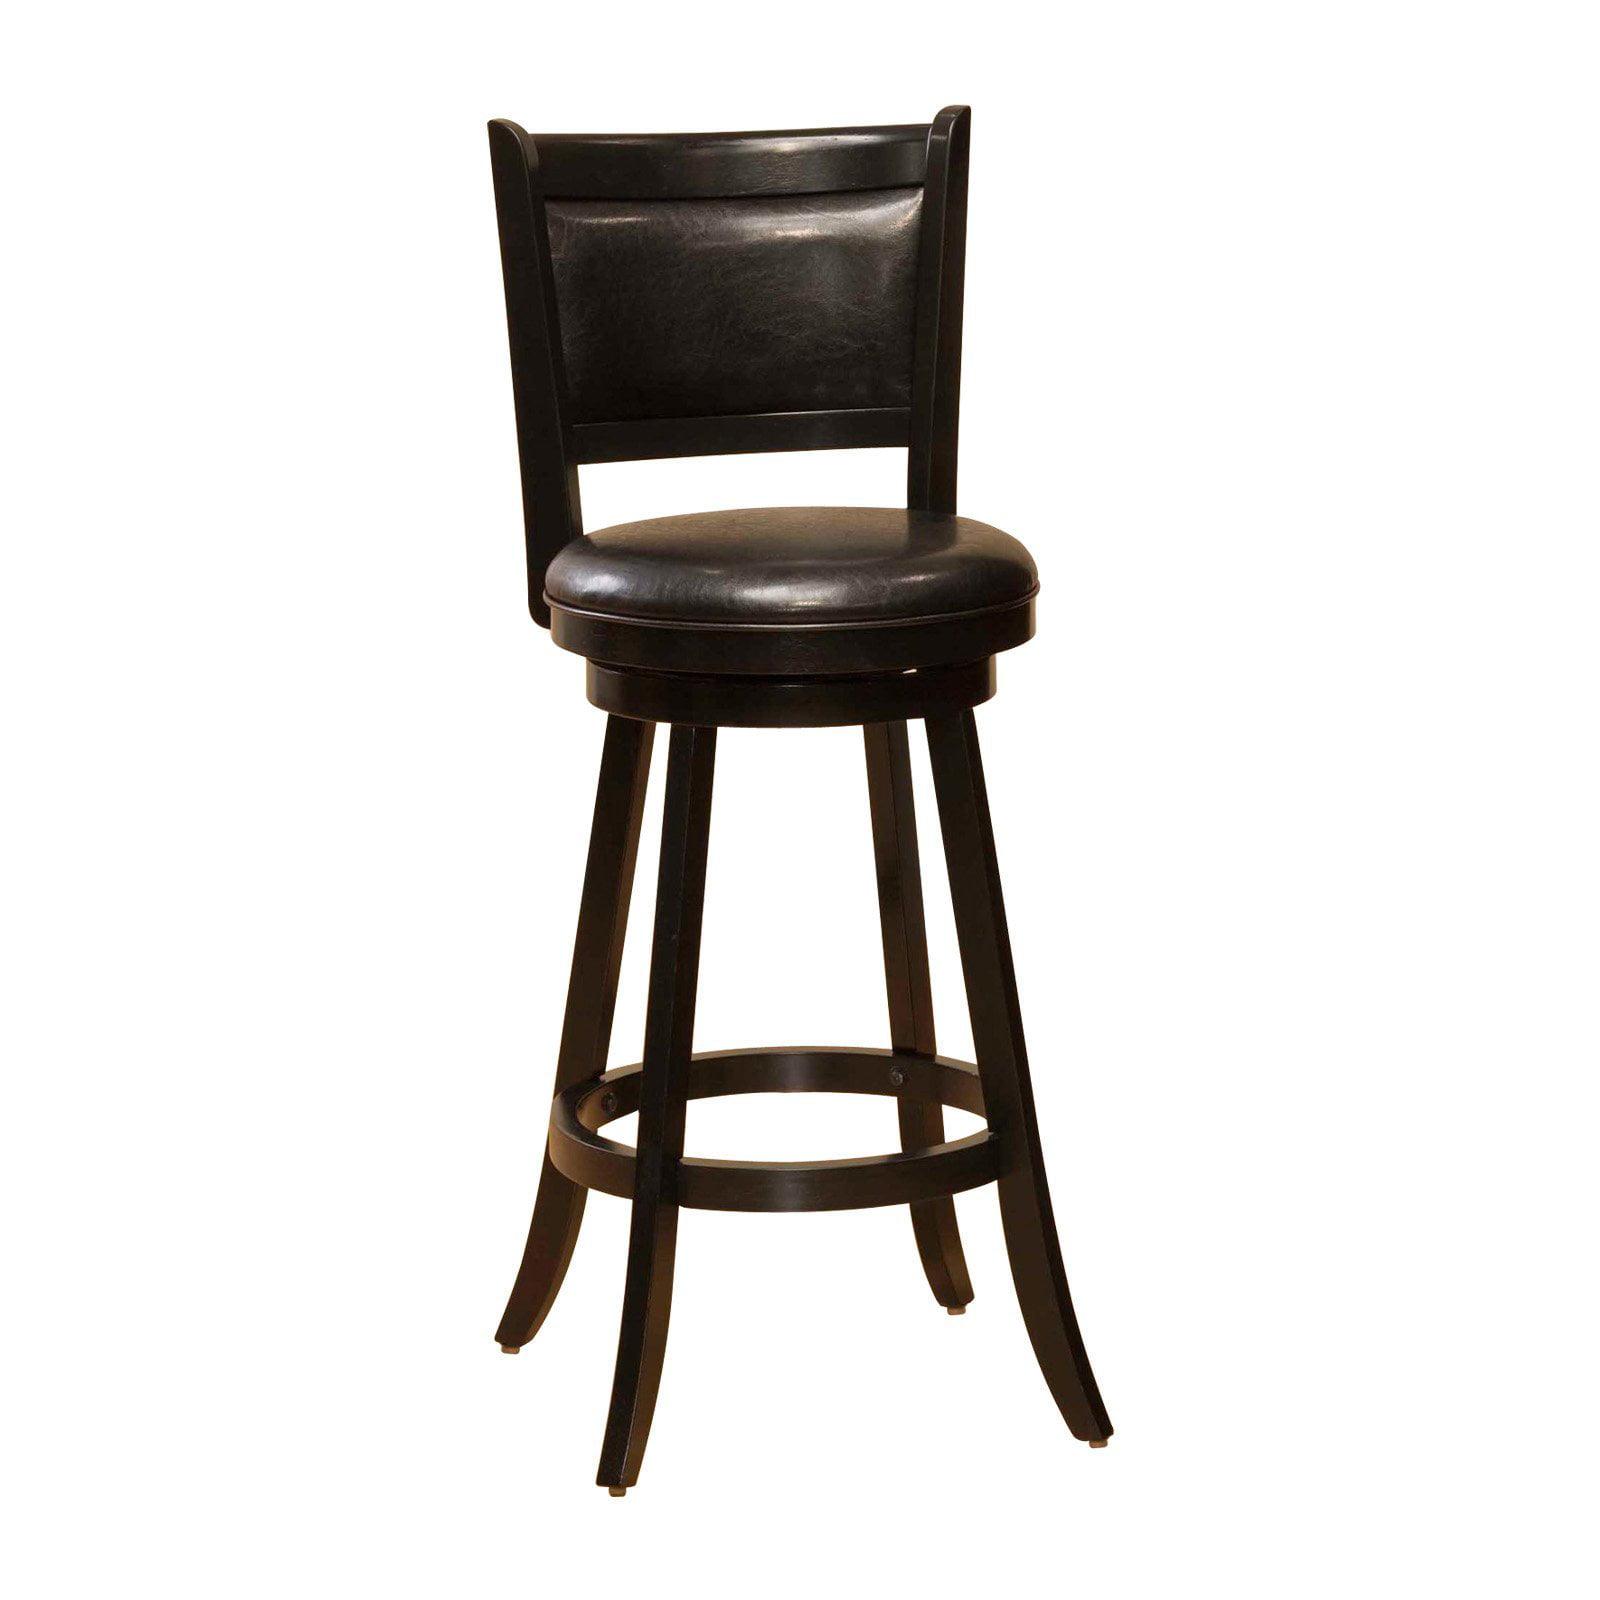 Dennery Swivel Bar Stool by Hillsdale Furniture LLC